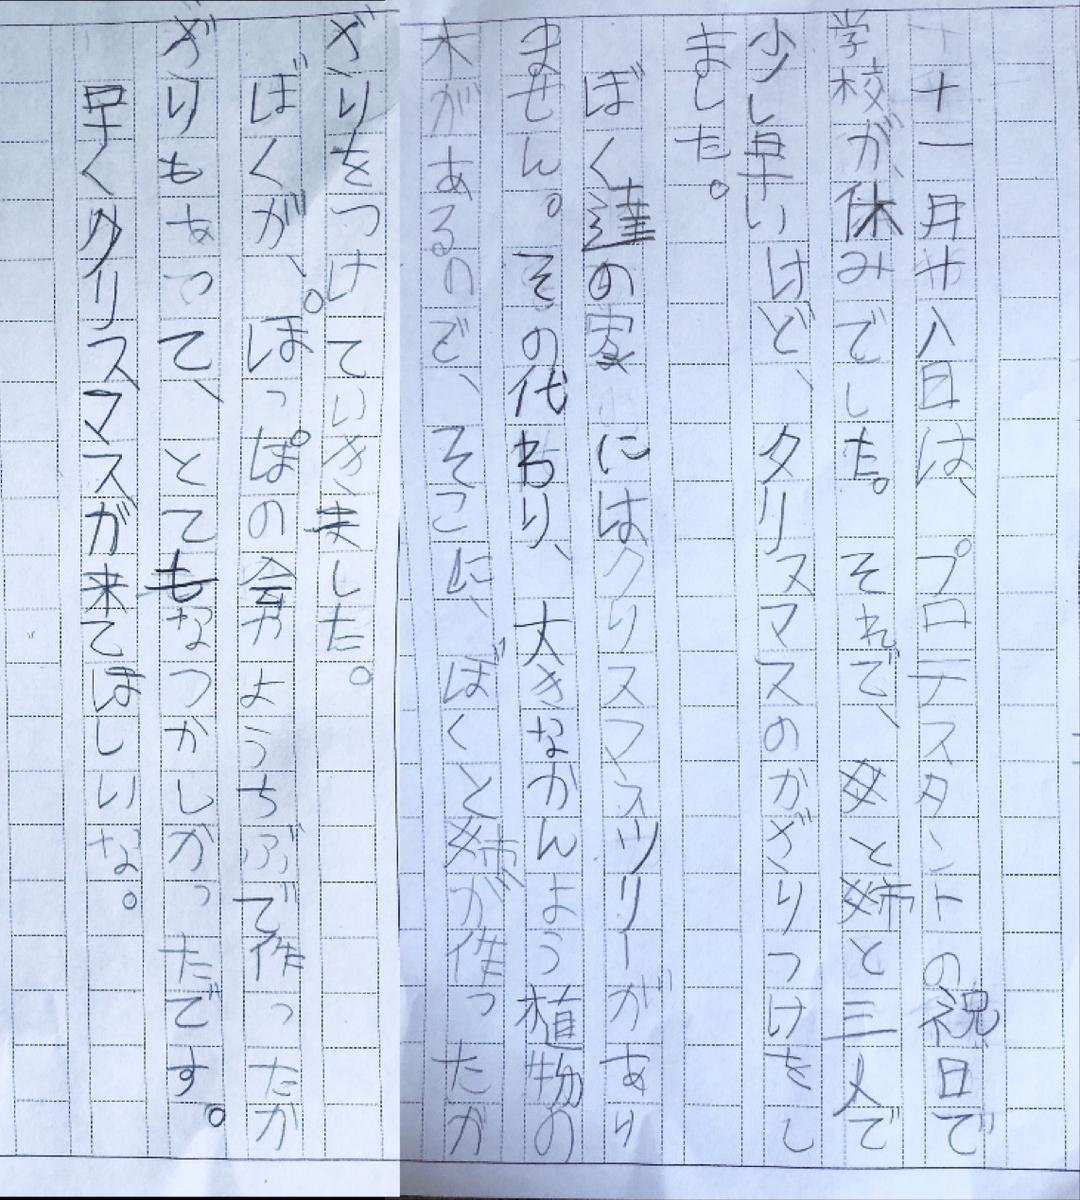 f:id:ayayukimoto:20201126172524j:plain